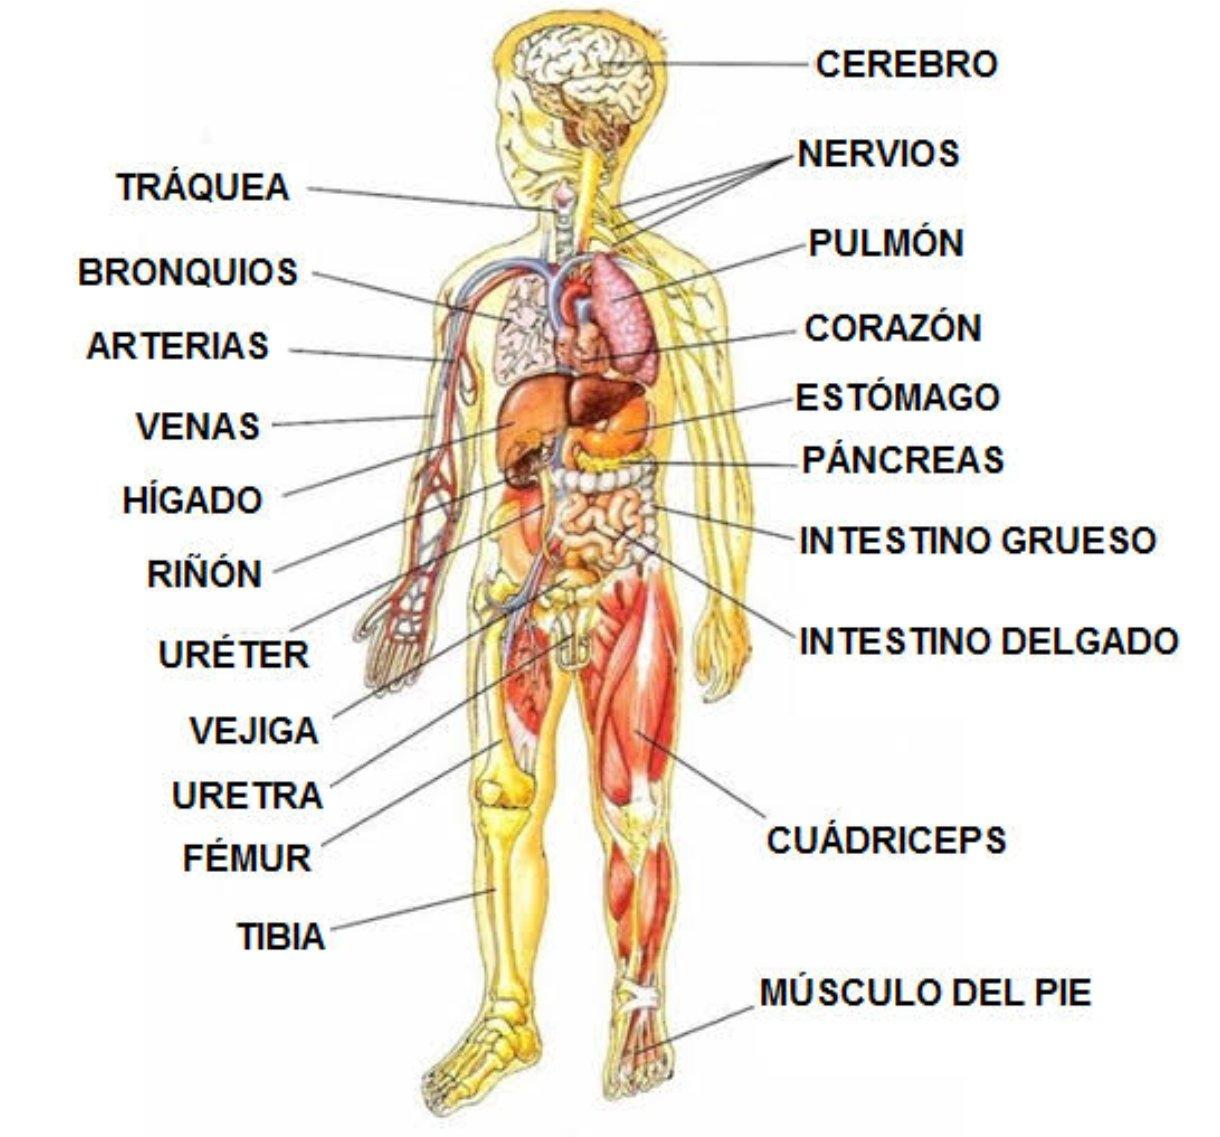 tubo estrecho que conecta el riñón y la vejiga